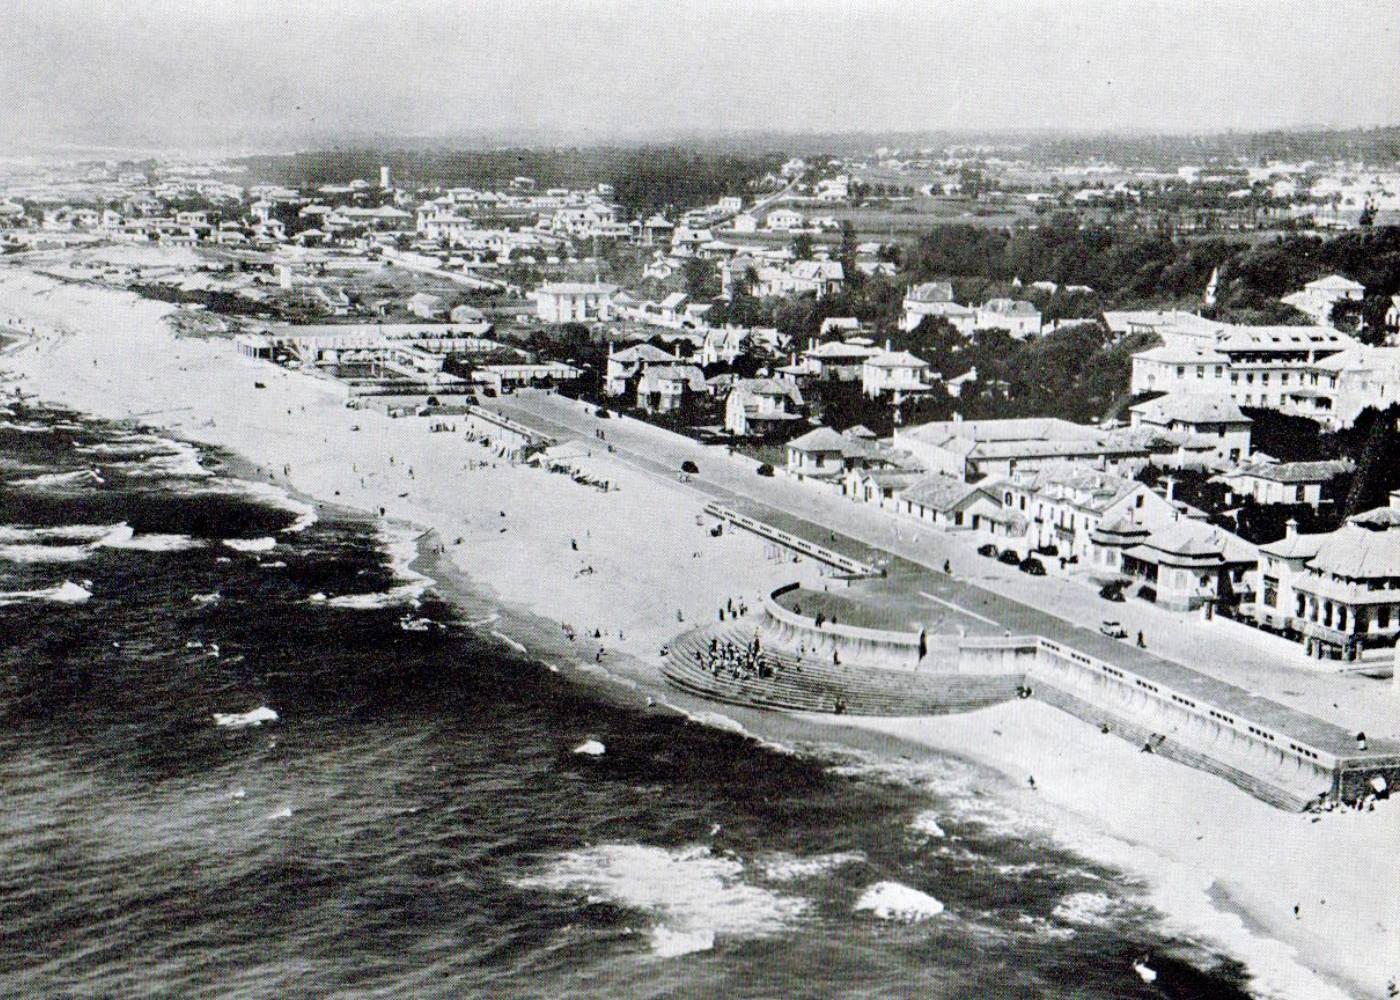 Imagem antiga da Praia da Granja